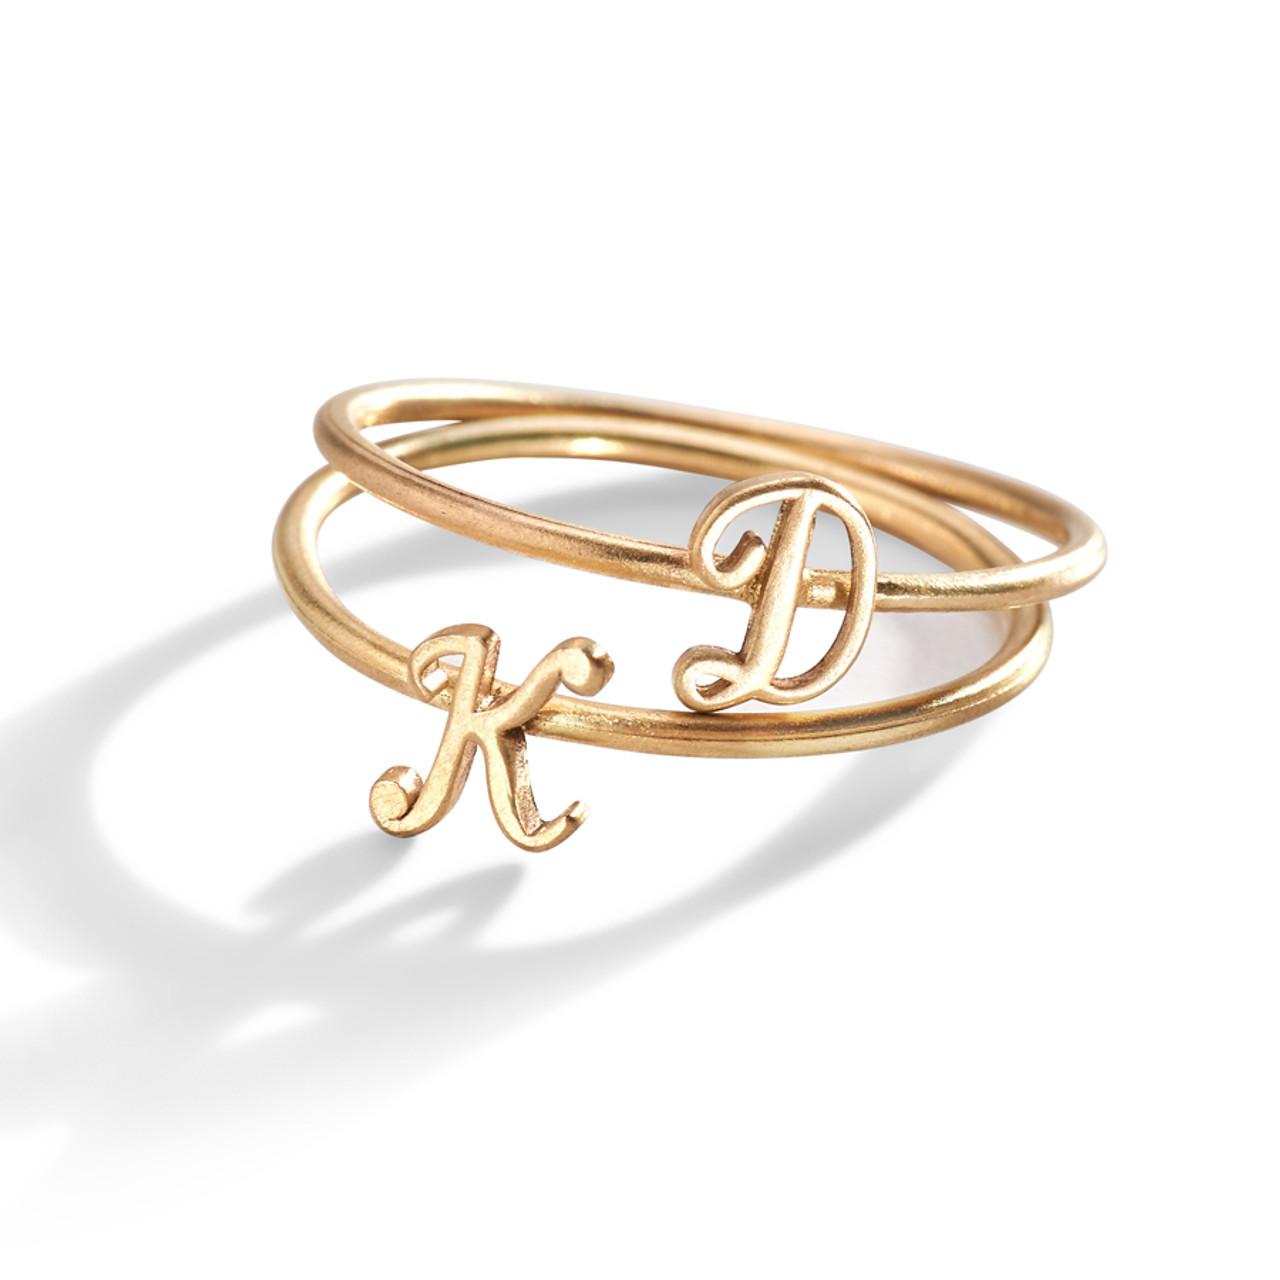 Script Initial Letter Ring | 14K Gold Letter Ring